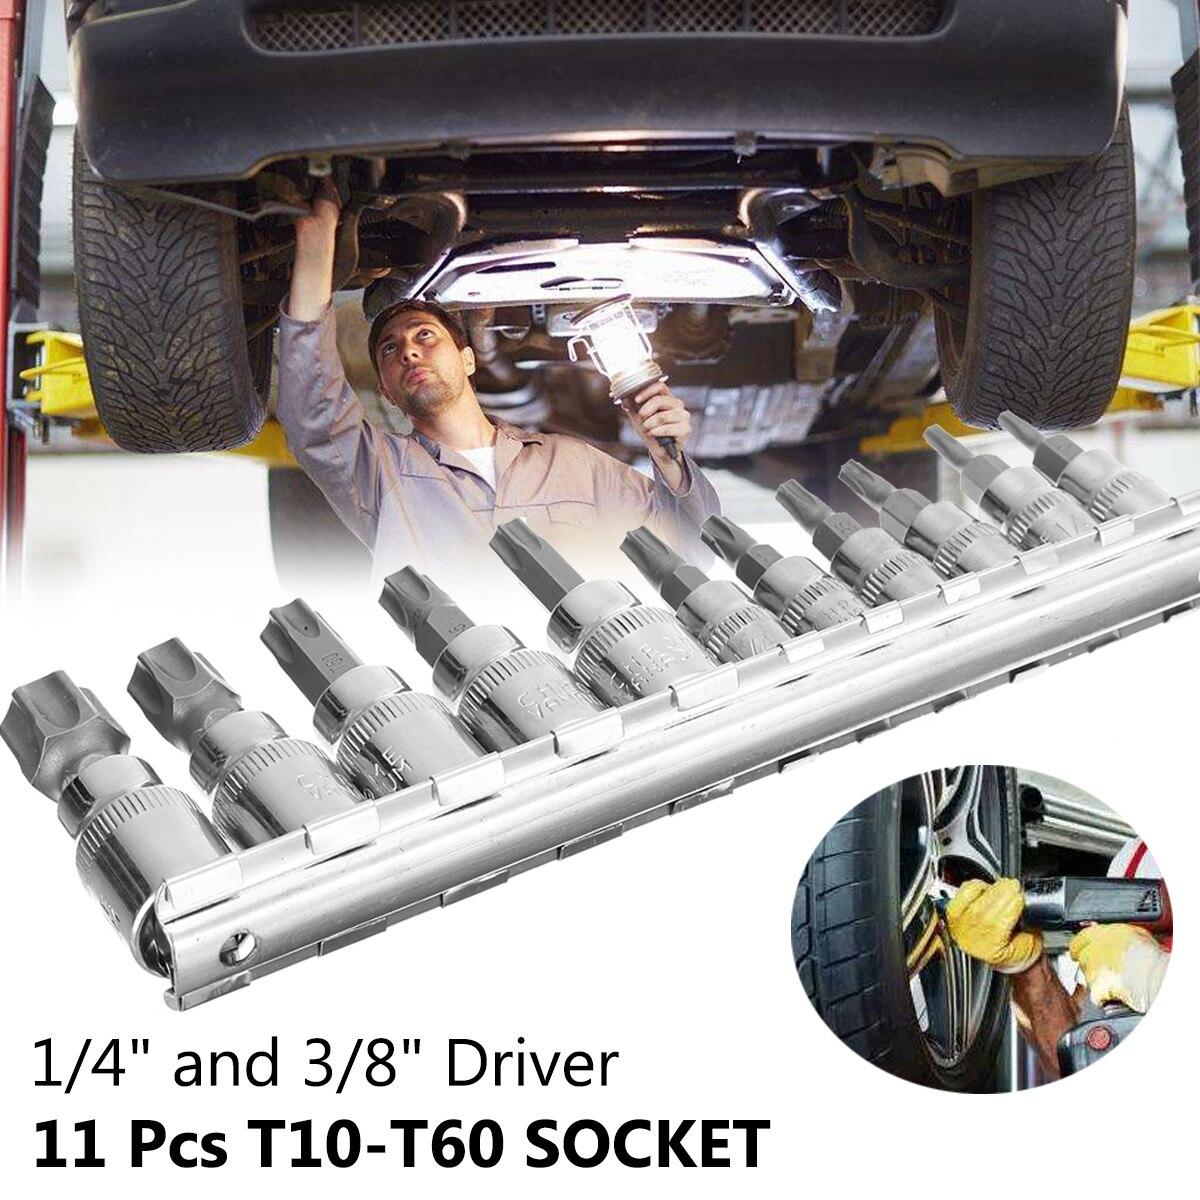 Pcs 1/4 3/8 Polegada 11 Torx Hex Estrela Conjunto de Bits de Segurança Inviolável Bit Driver Chave De Fenda Mão Ferramenta Conjunto de Soquete bits T10 para T60